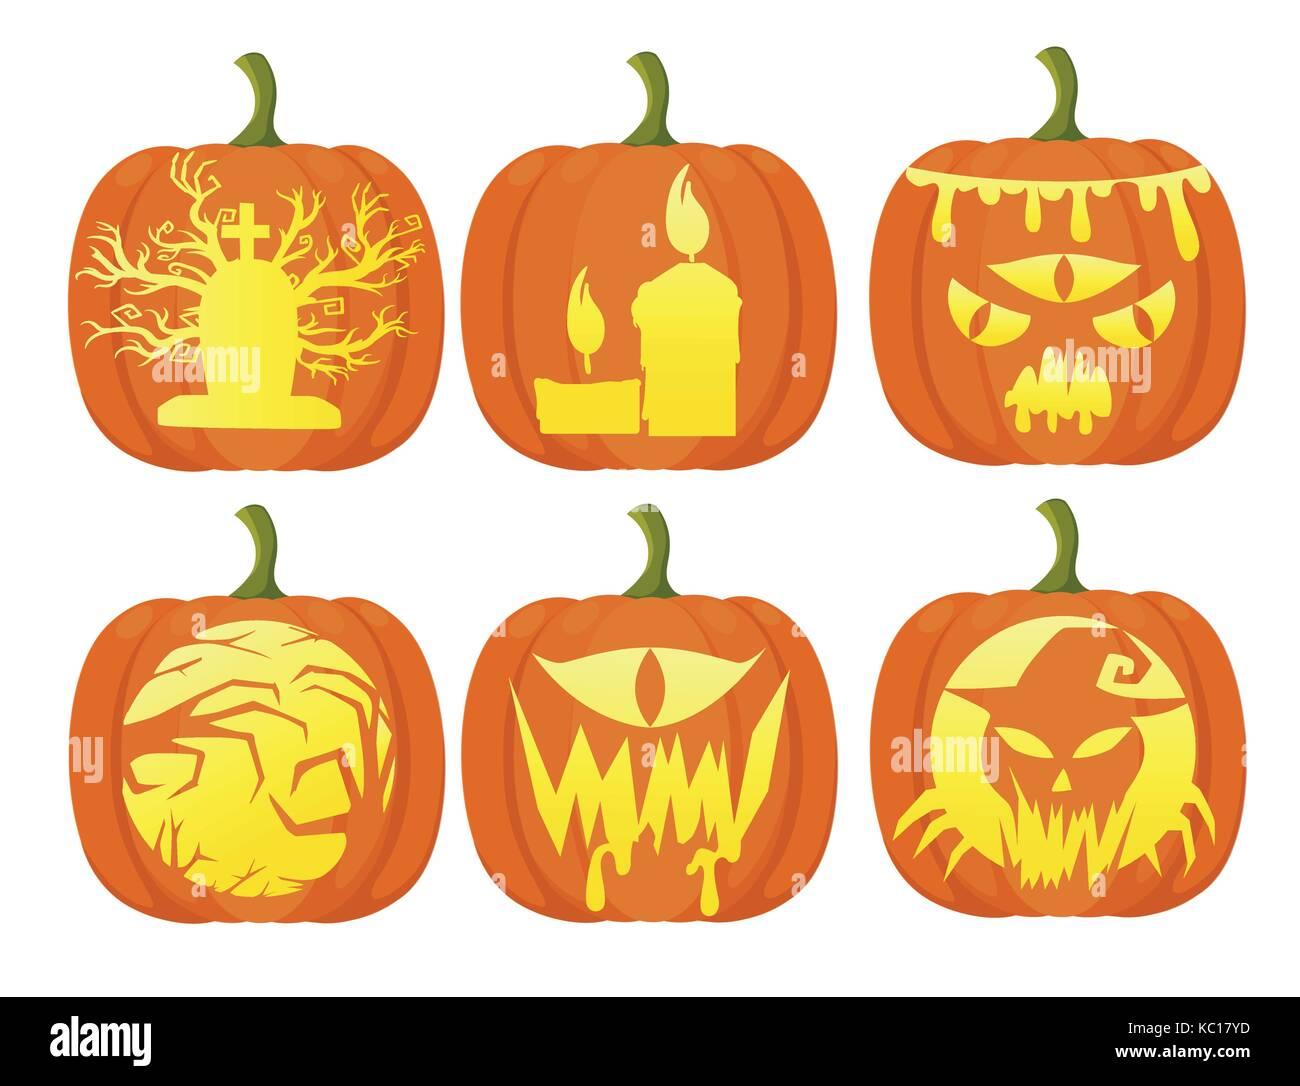 Establezca Las Calabazas Para Halloween Diseño Plano Fresco Estilo Cartoon Diferentes Hortalizas Página De Sitio Web Y Diseño De Aplicaciones Móviles Imagen Vector De Stock Alamy